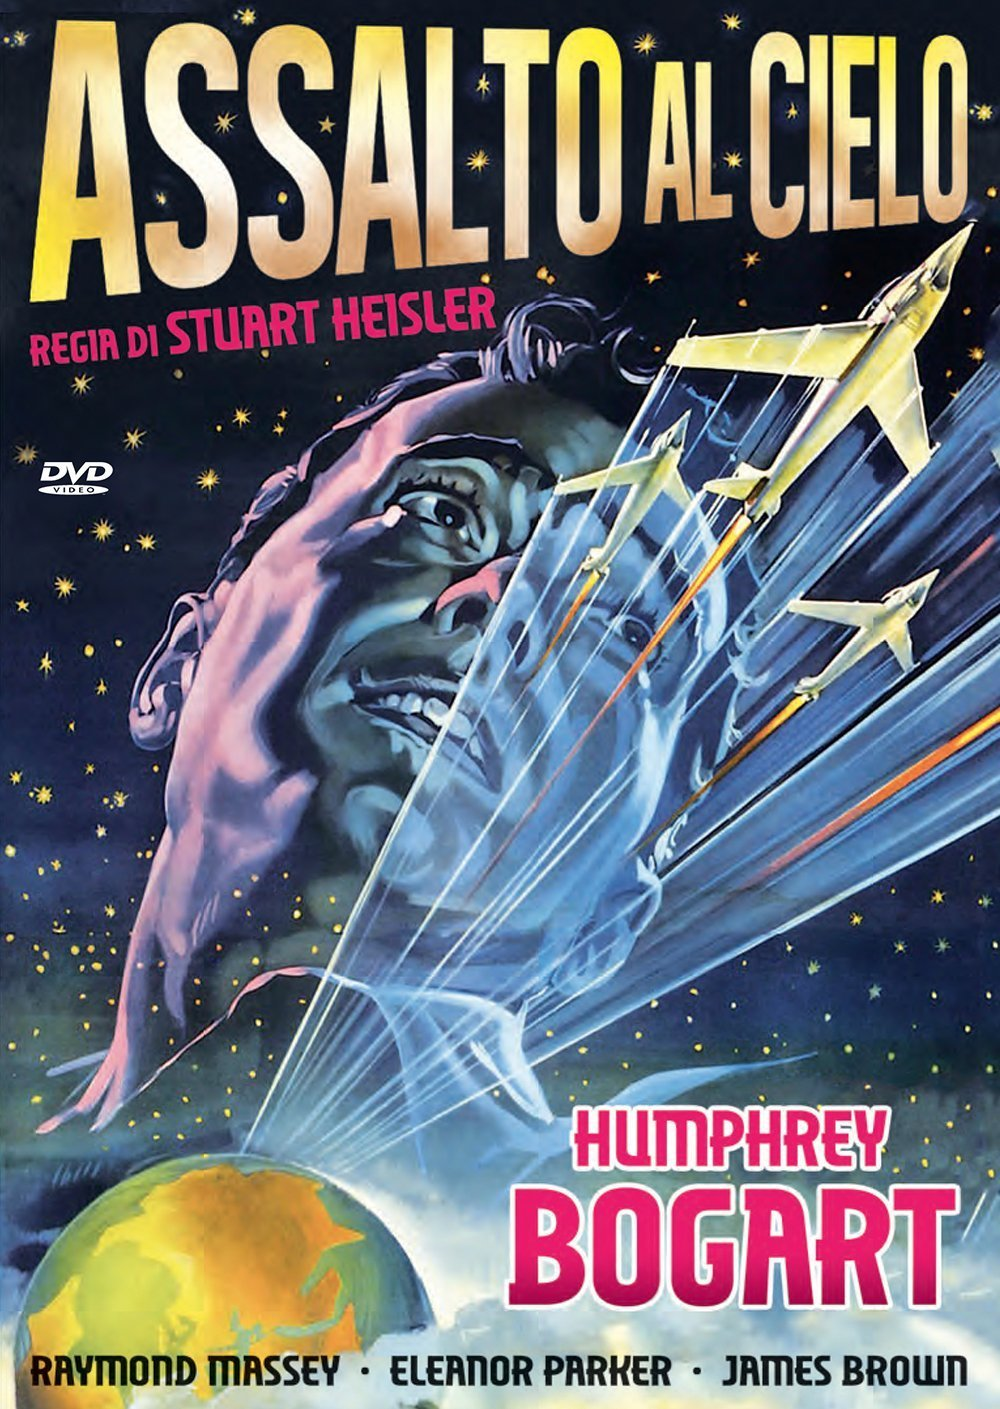 ASSALTO AL CIELO (DVD)